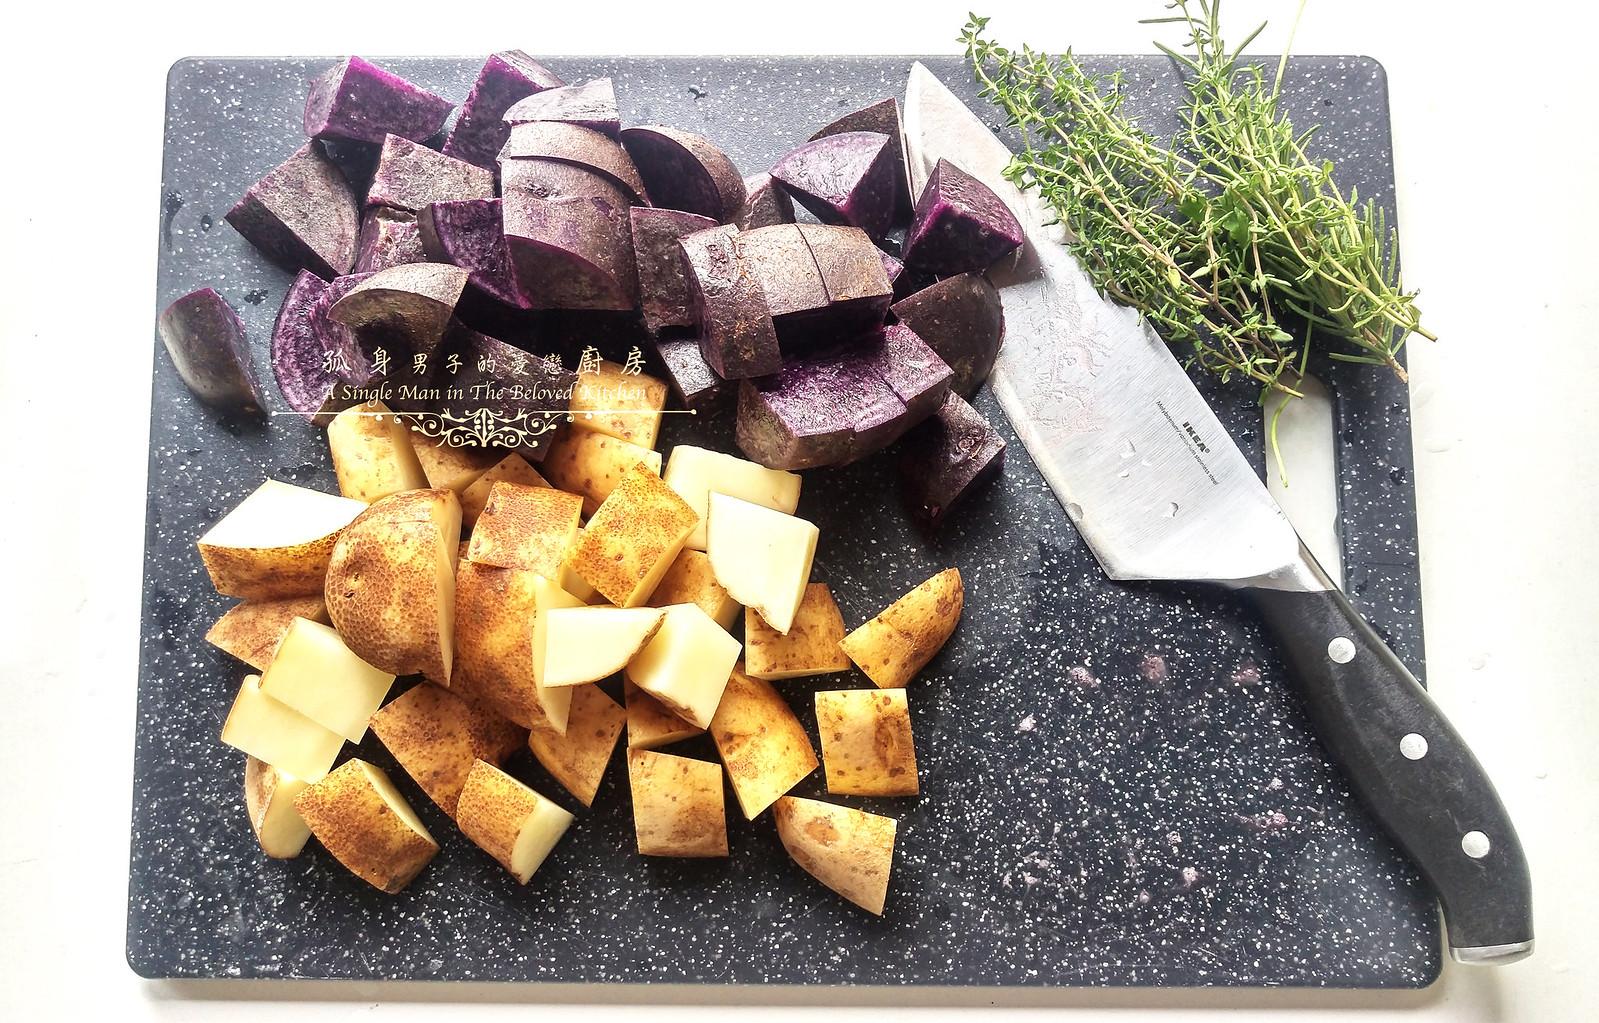 孤身廚房-香草烤雙色馬鈴薯──好吃又簡單的烤箱料理4